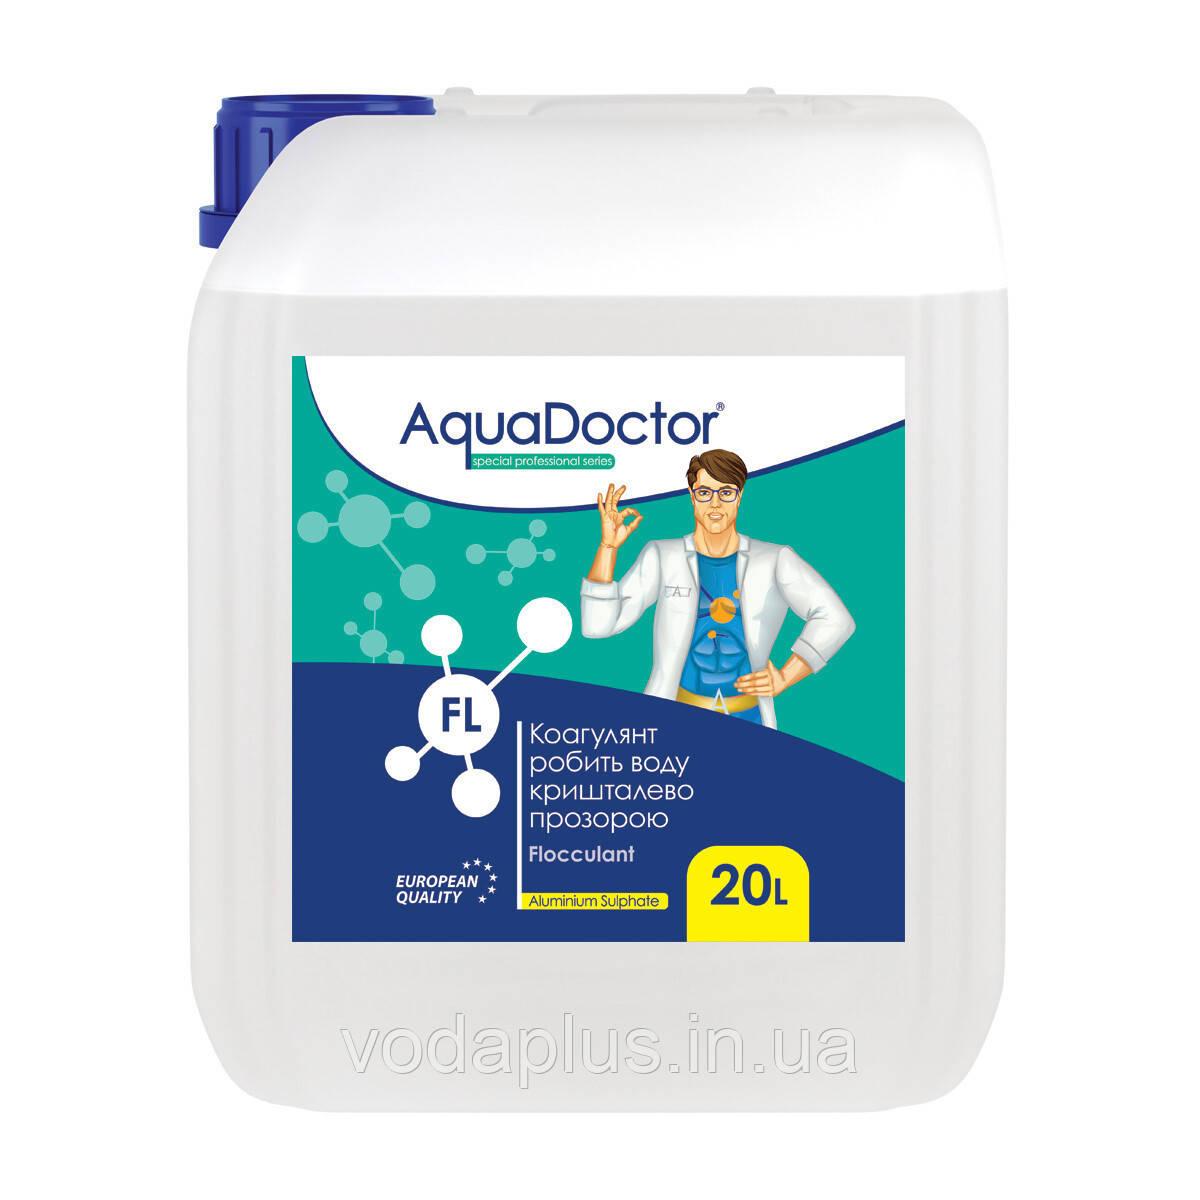 Жидкое коагулирующее средство AquaDoctor FL 20 л